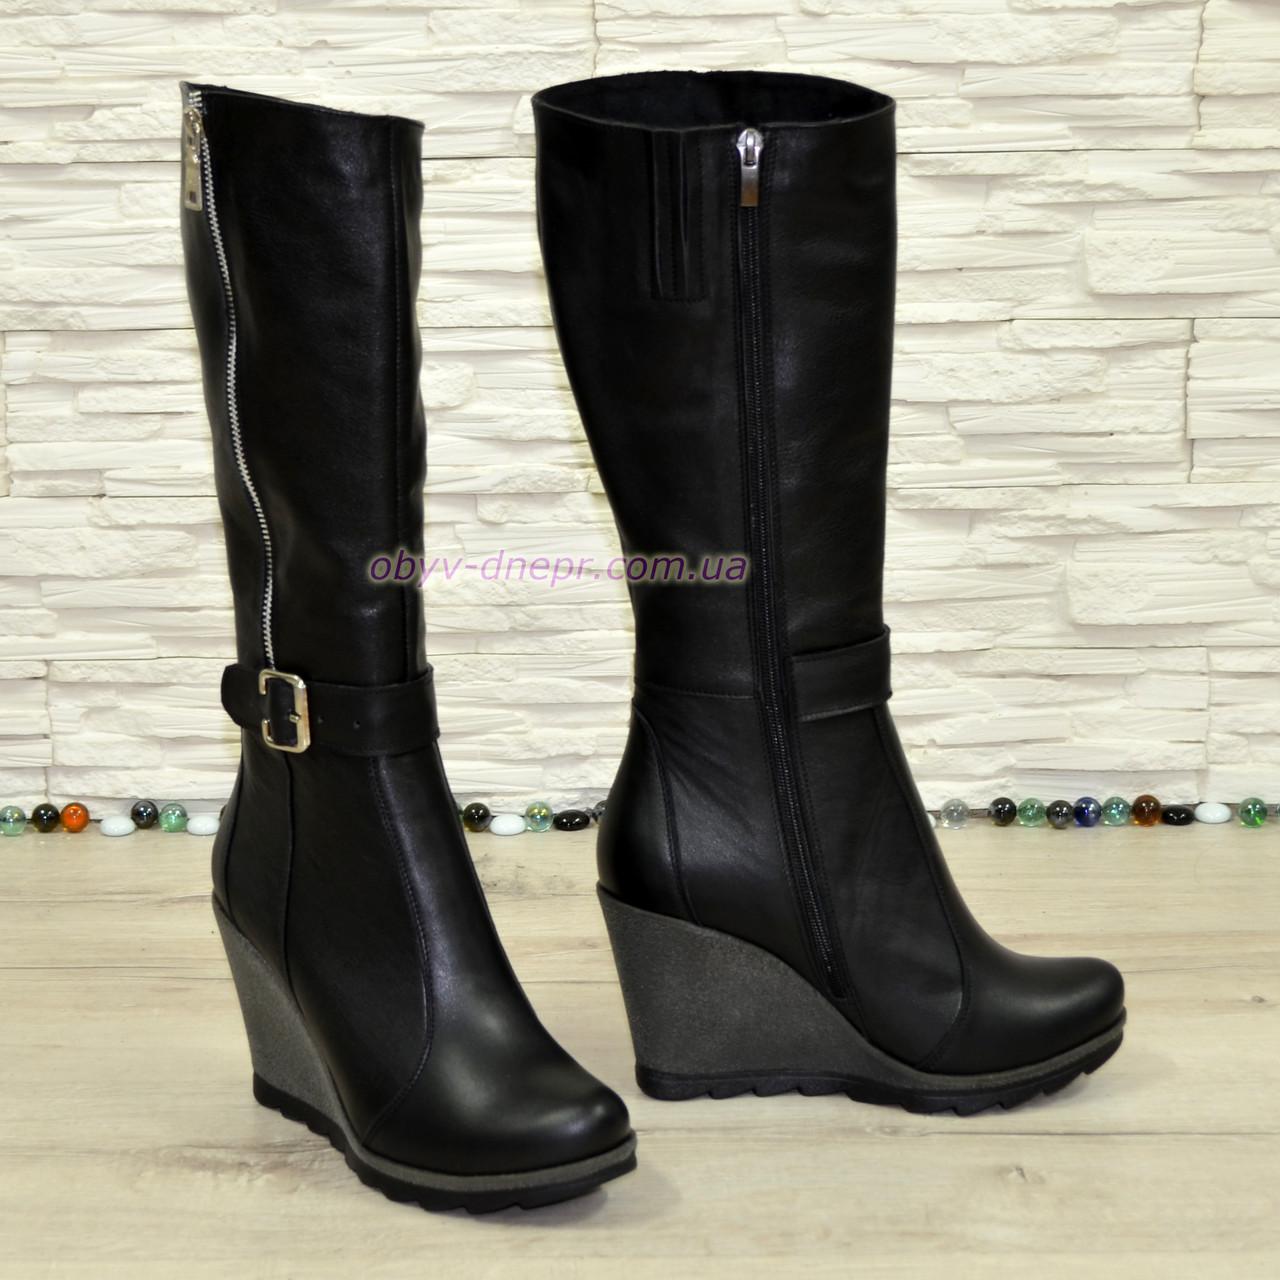 Сапоги женские кожаные черные на платформе, зимний вариант.